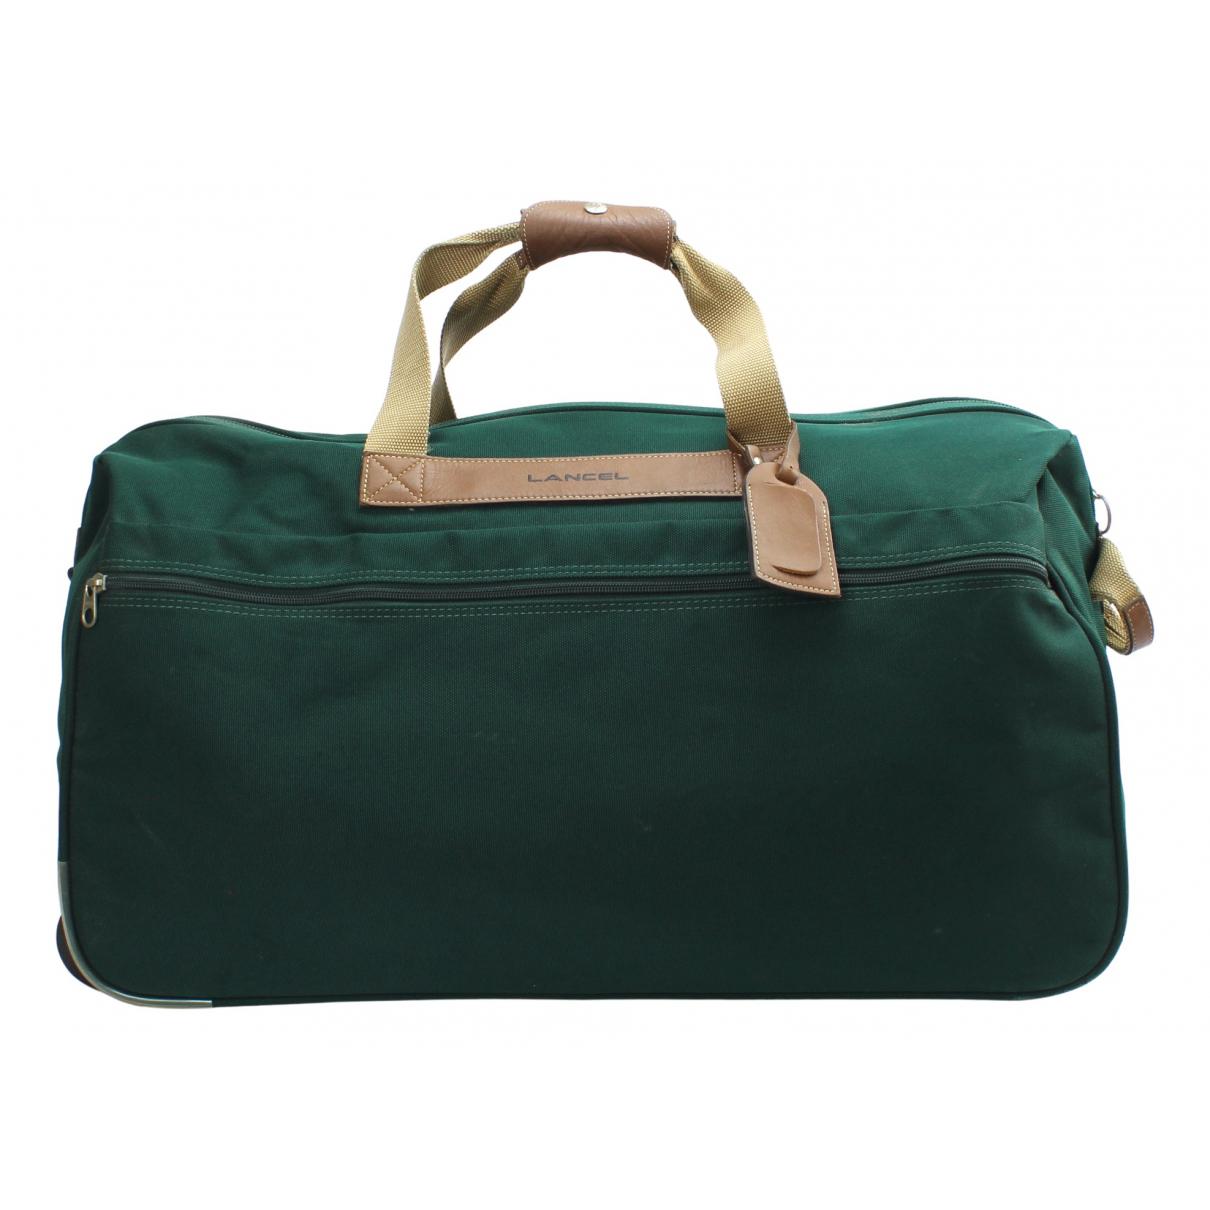 Lancel - Sac   pour homme en toile - vert